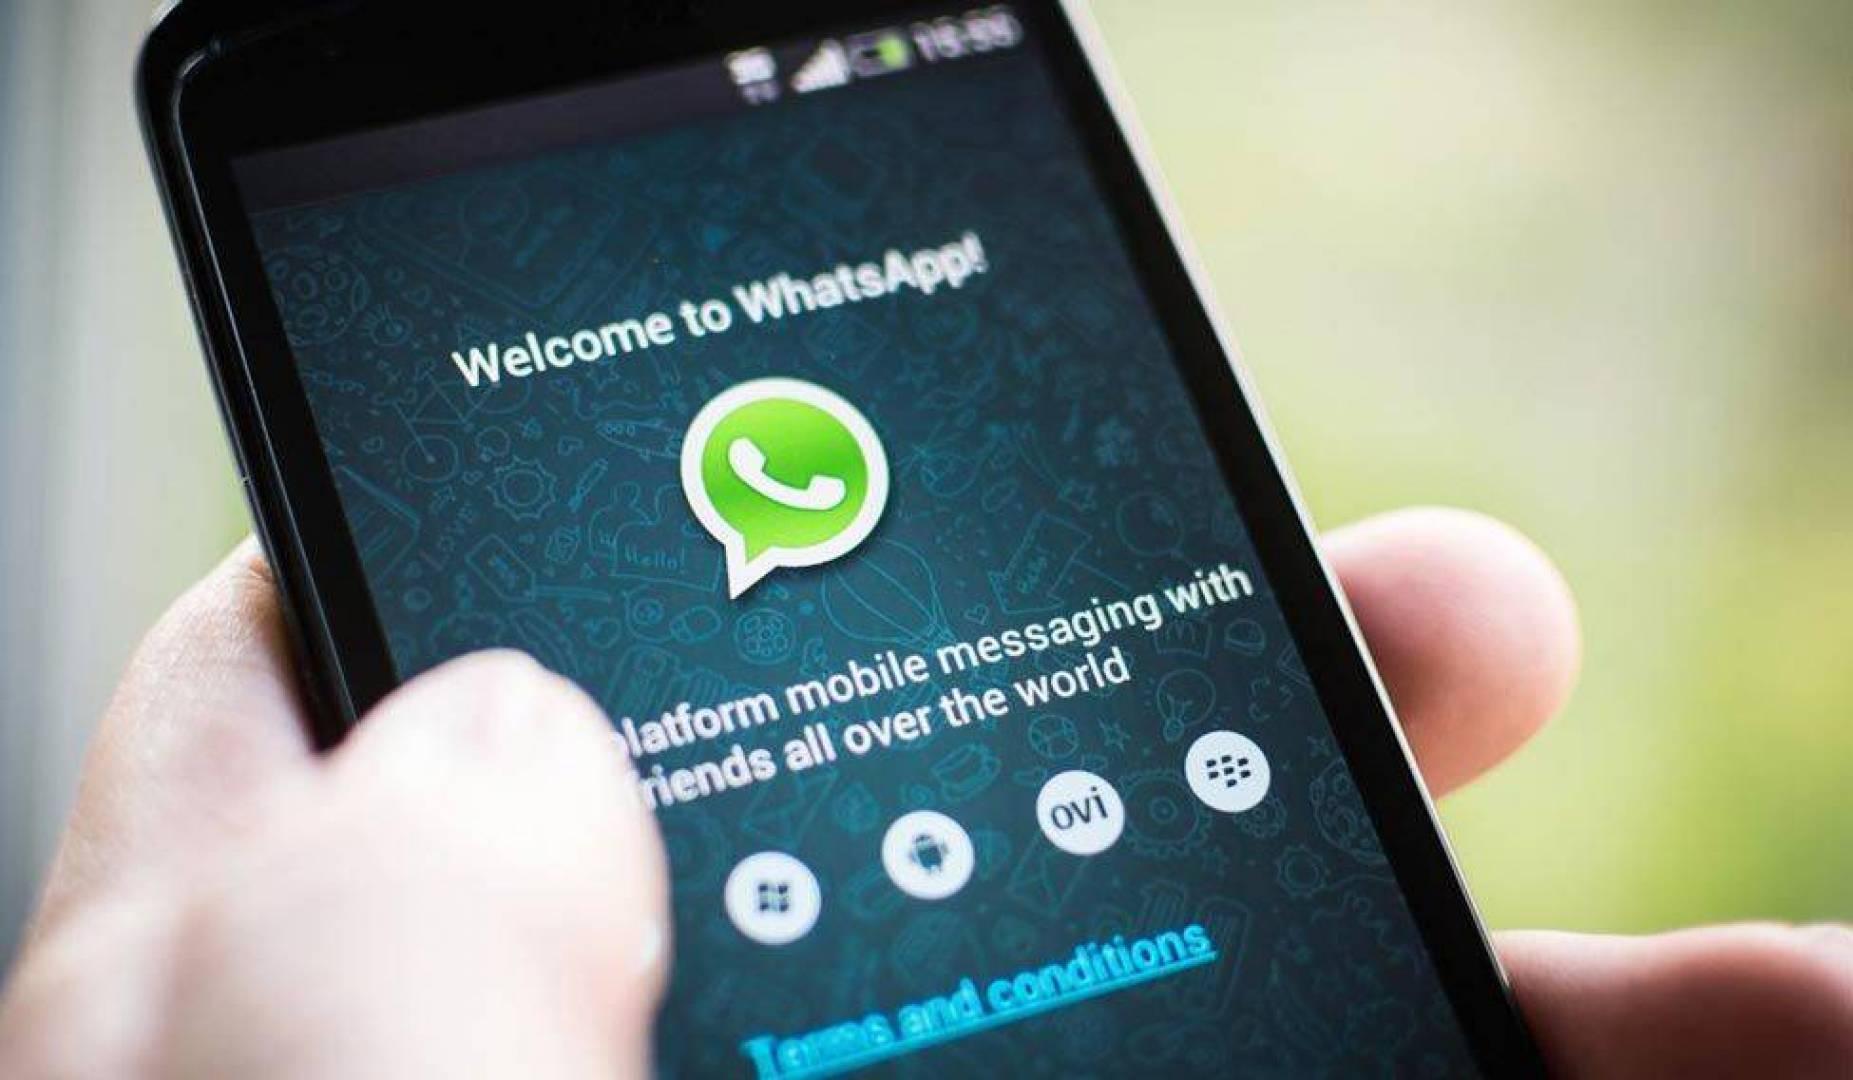 مديرية التصدي للهجمات المعلوماتية تحذر المغاربة من ثغرة أمنية في تطبيق الواتساب